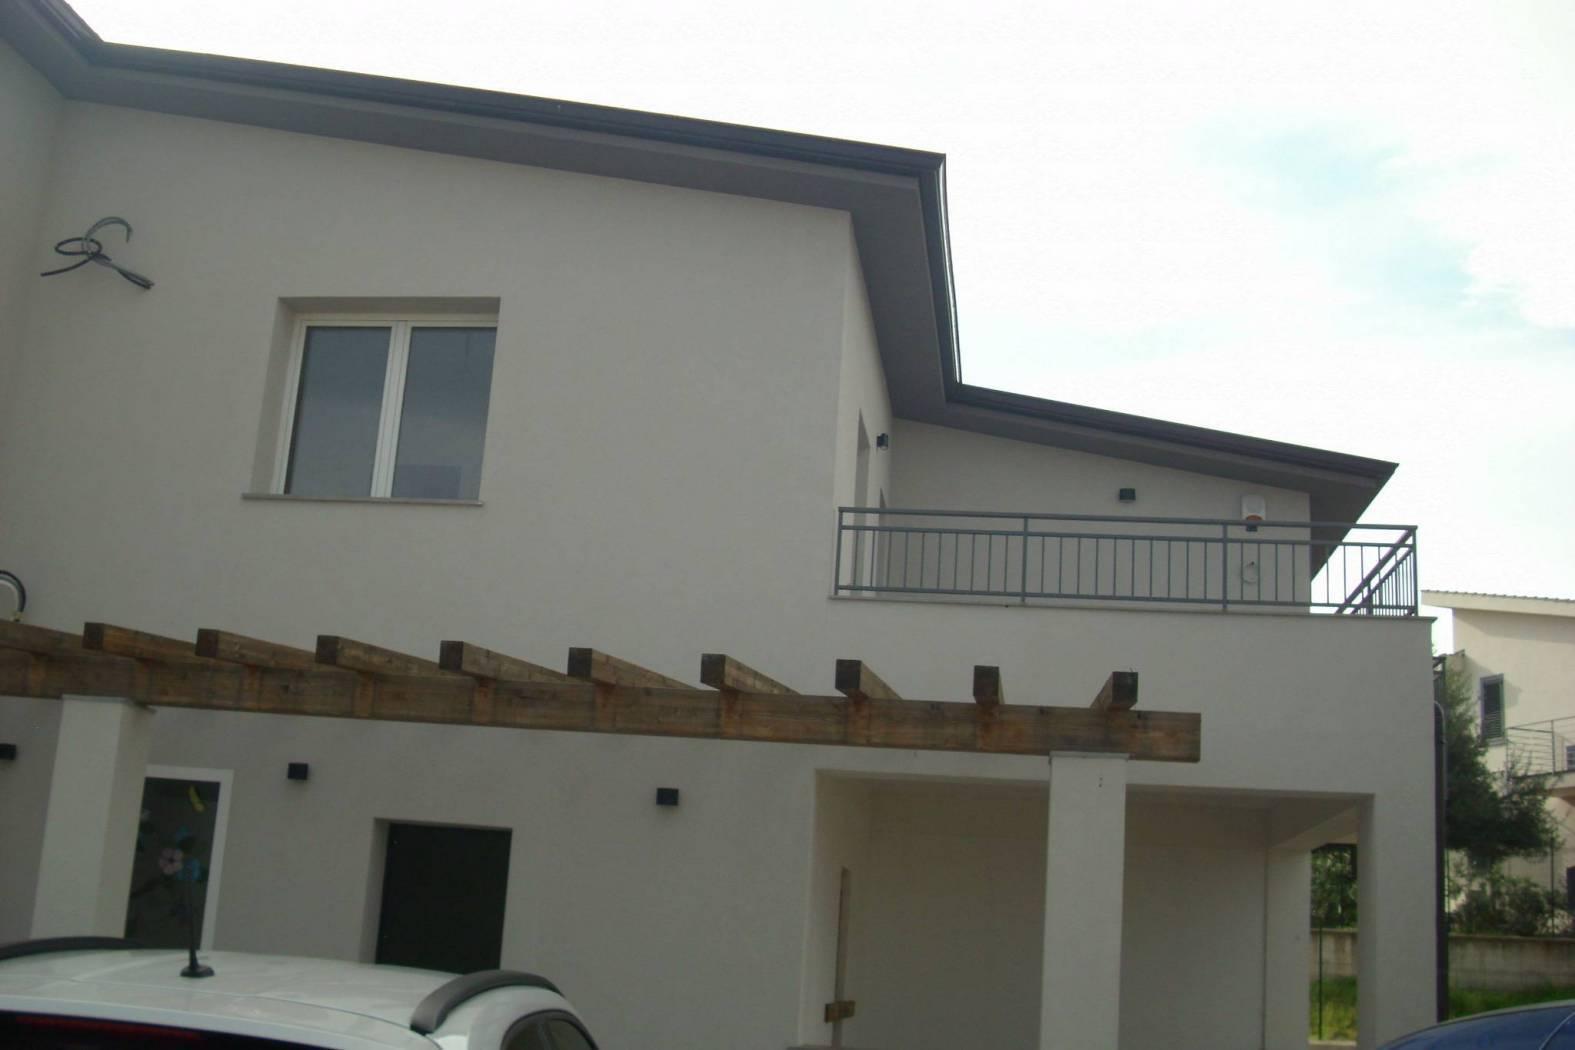 Villa Bifamiliare in vendita a Altavilla Milicia, 3 locali, prezzo € 190.000 | CambioCasa.it